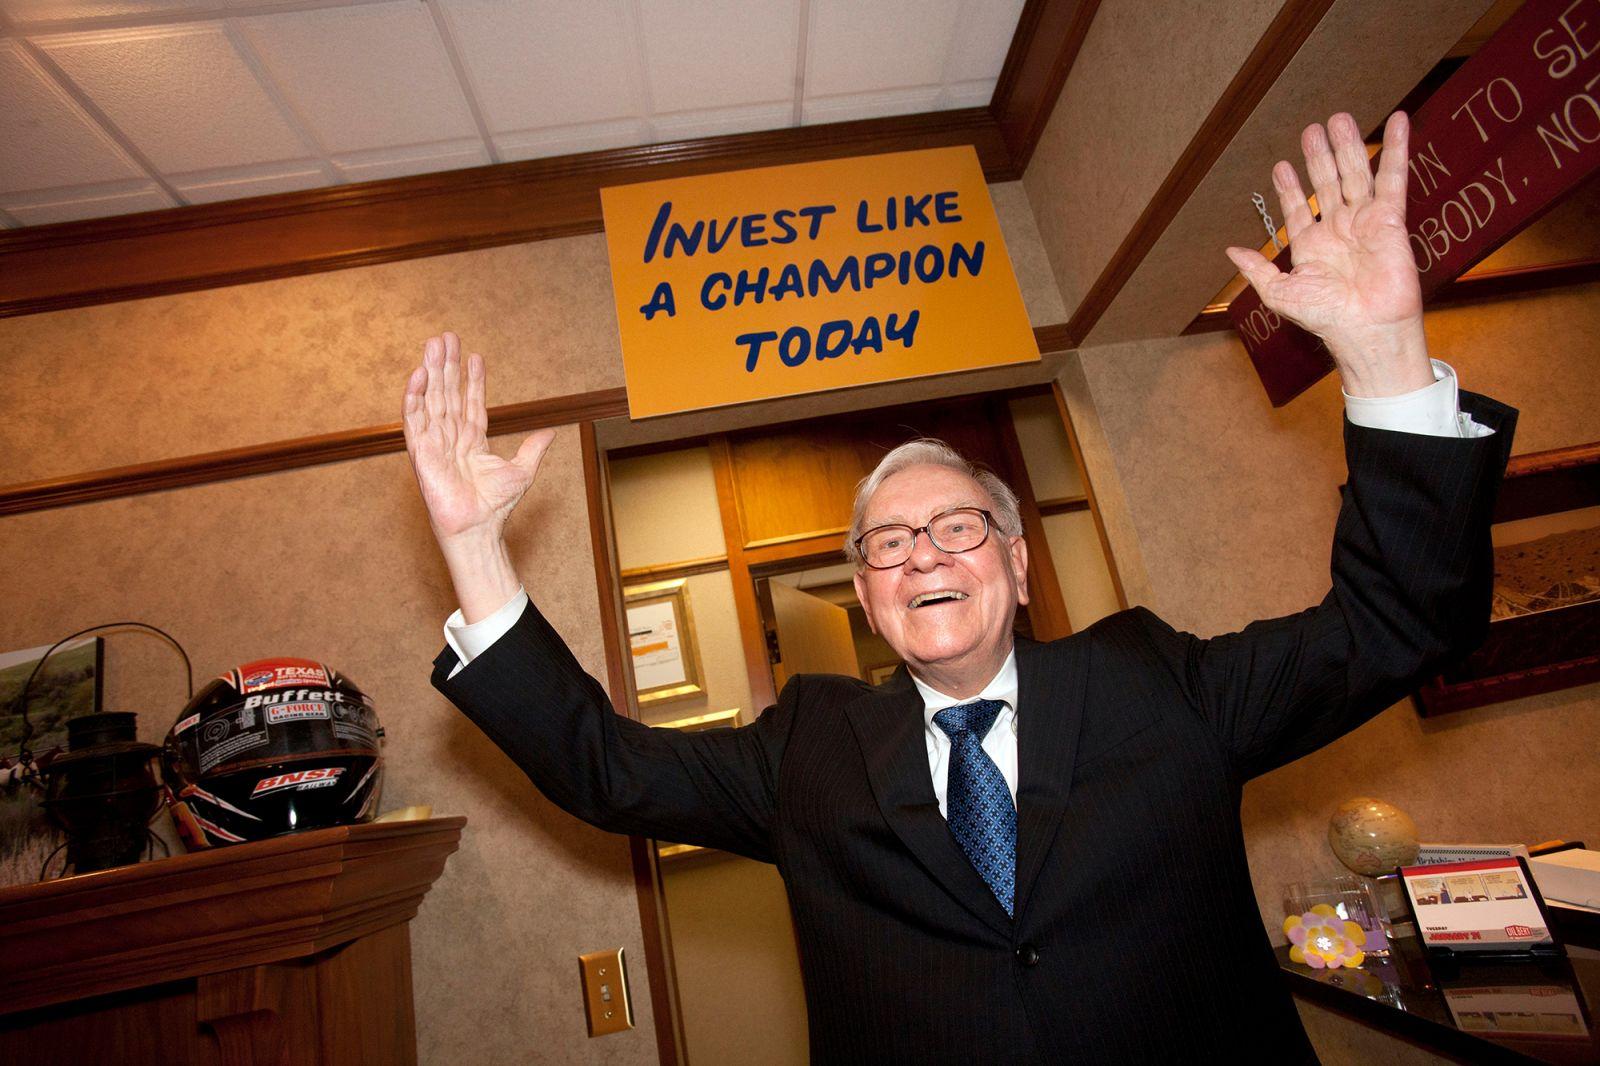 Warren Buffett đón tuổi 90: Nhìn lại những khoảnh khắc đáng nhớ trong đời nhà đầu tư huyền thoại